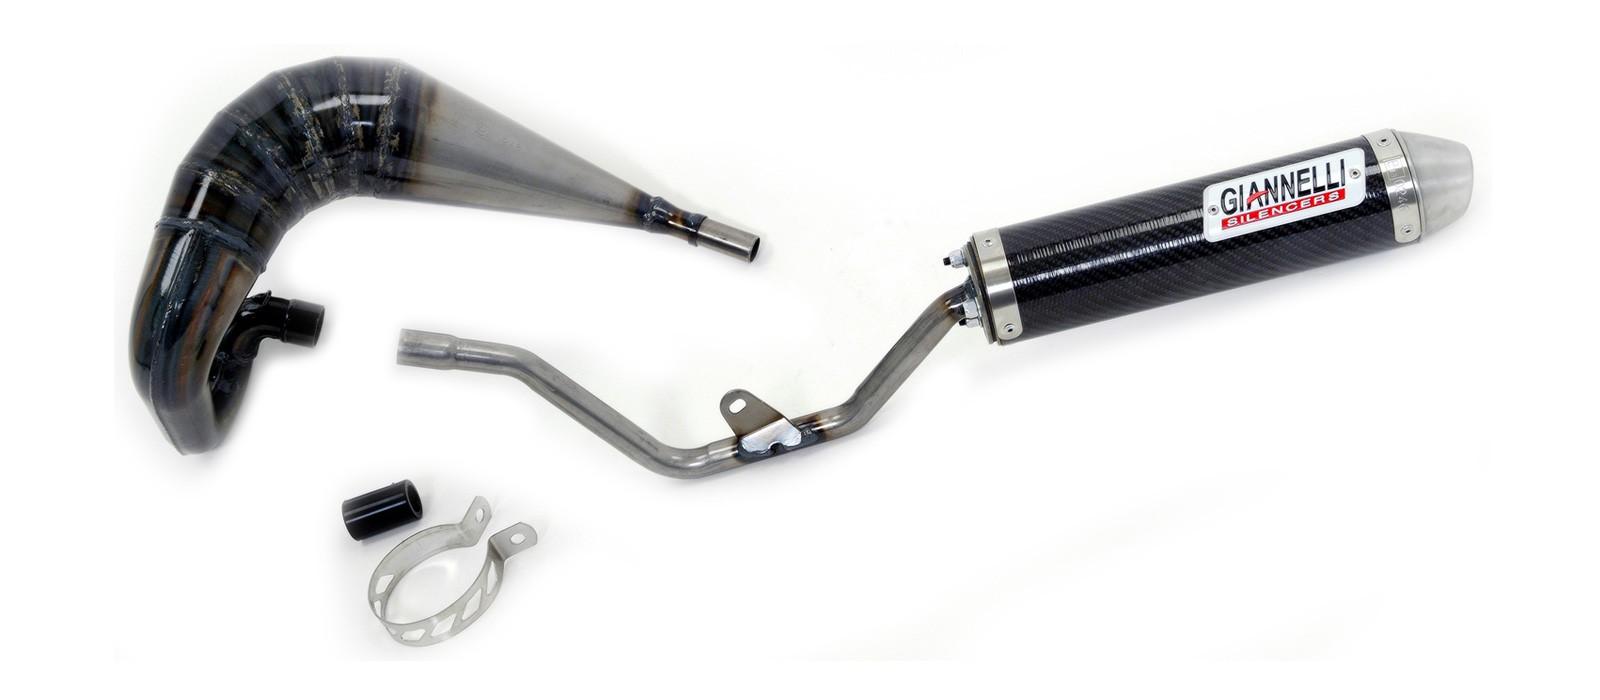 ESCAPES GIANNELLI UNIVERSALES - Silenciador aluminio enduro/cross 2T HM CRE 50 Baja/Six Giannelli 34619HF -